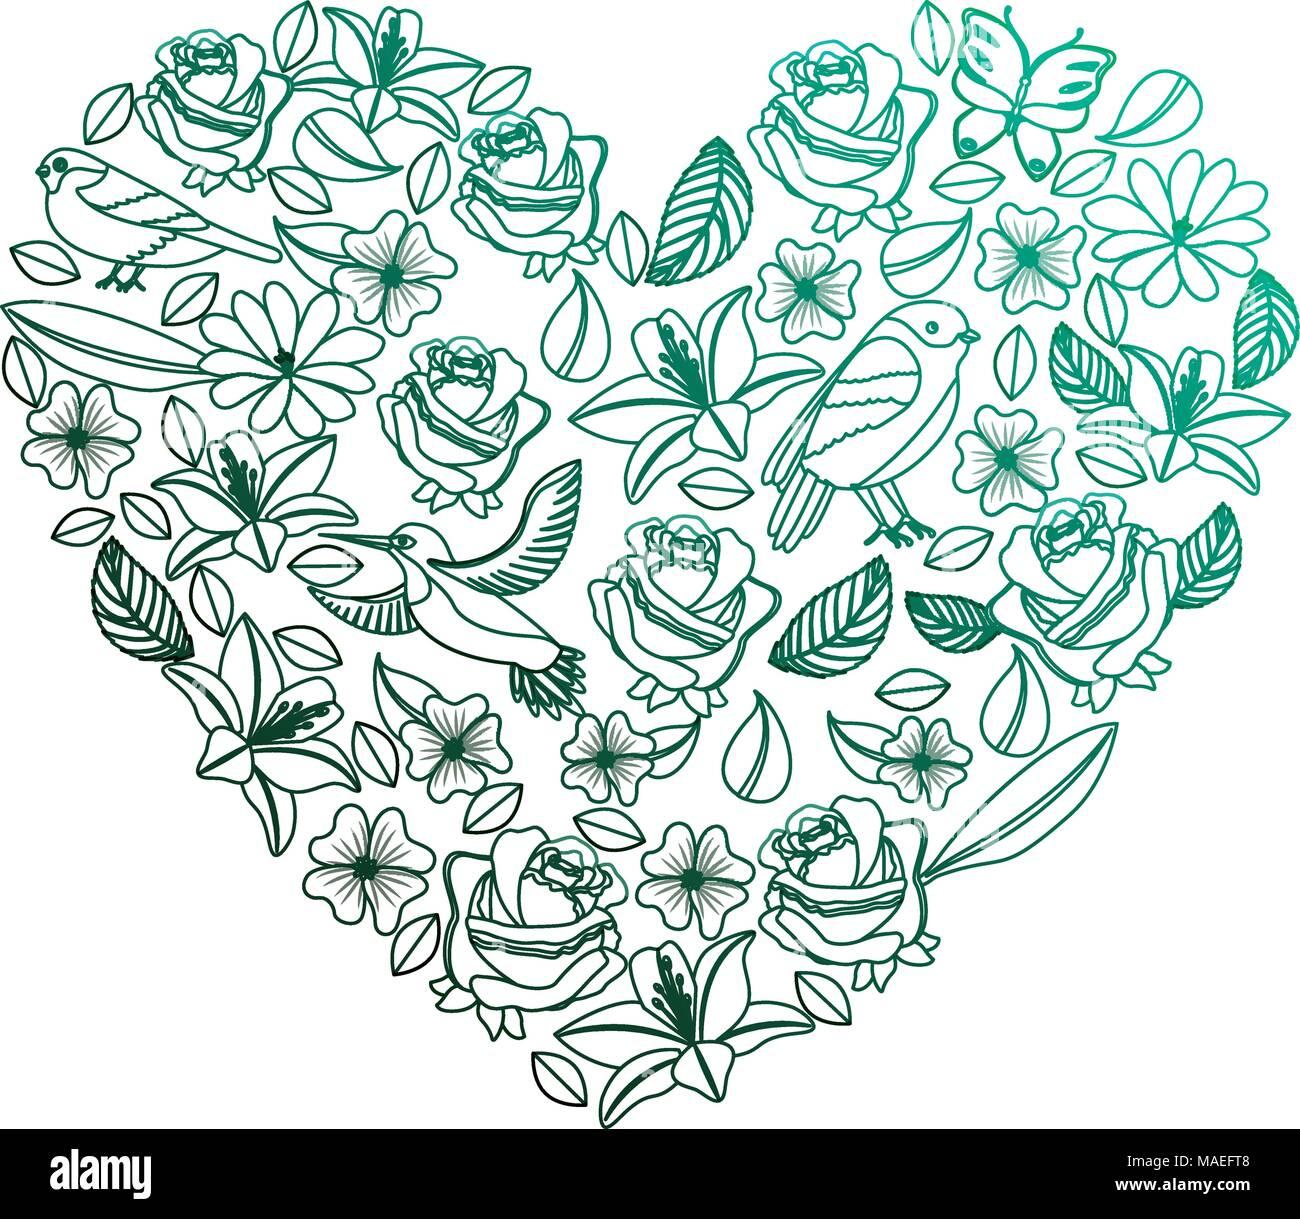 Patrón cardíaco natural con flores y aves mariposas deja ilustración vectorial degradados de color verde Ilustración del Vector